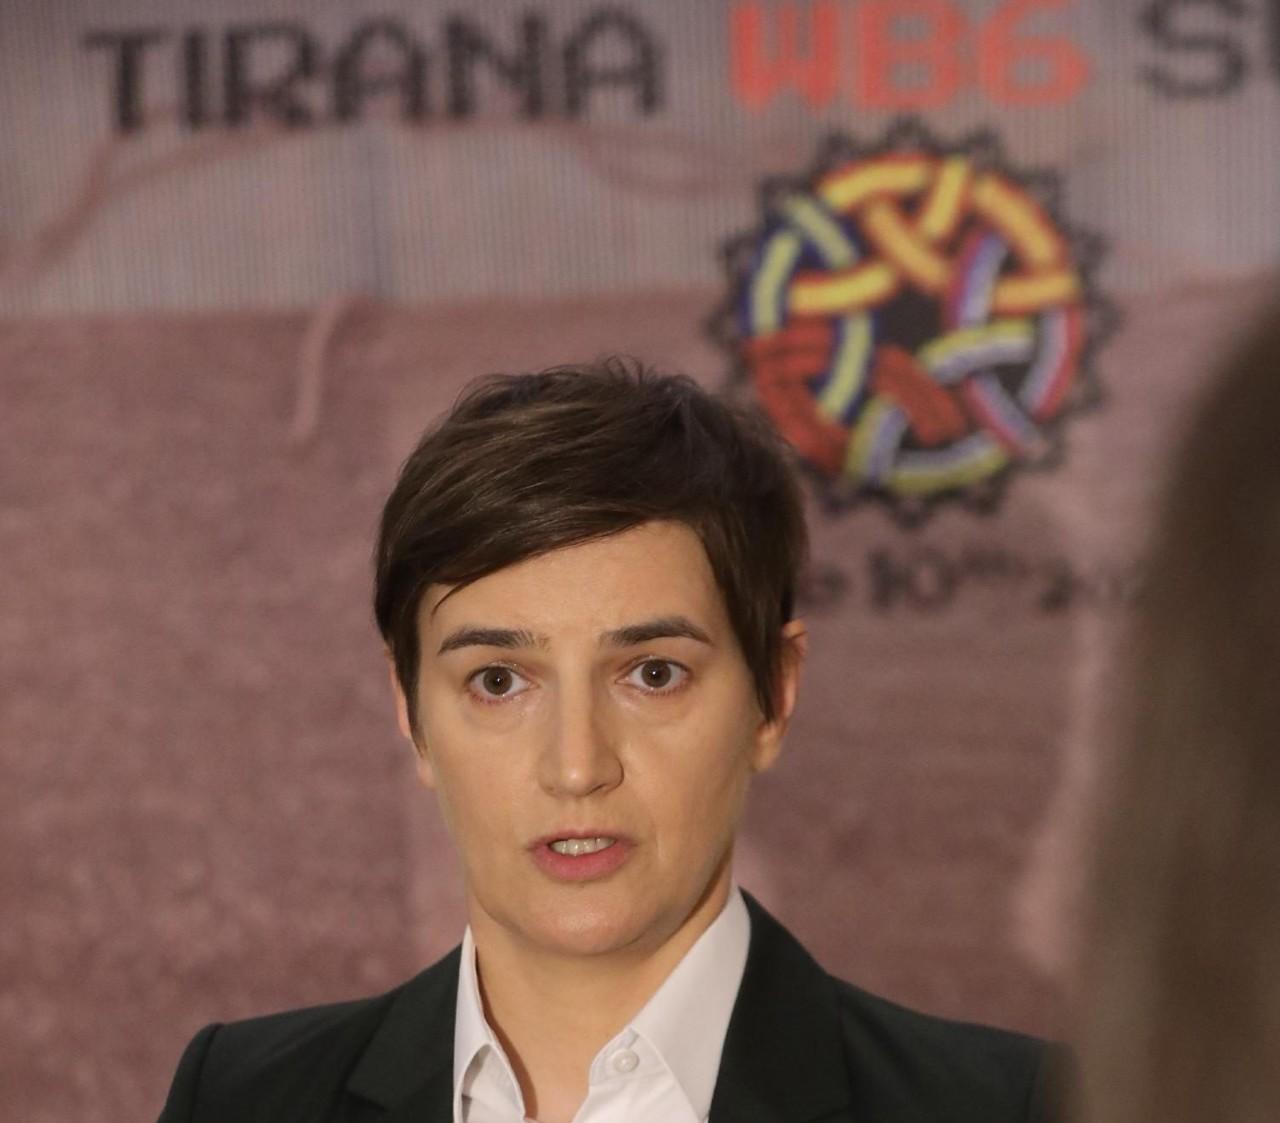 Polemika Brnabić i Kurtija u Tirani, srpska premijerka: Nismo jednaki partneri